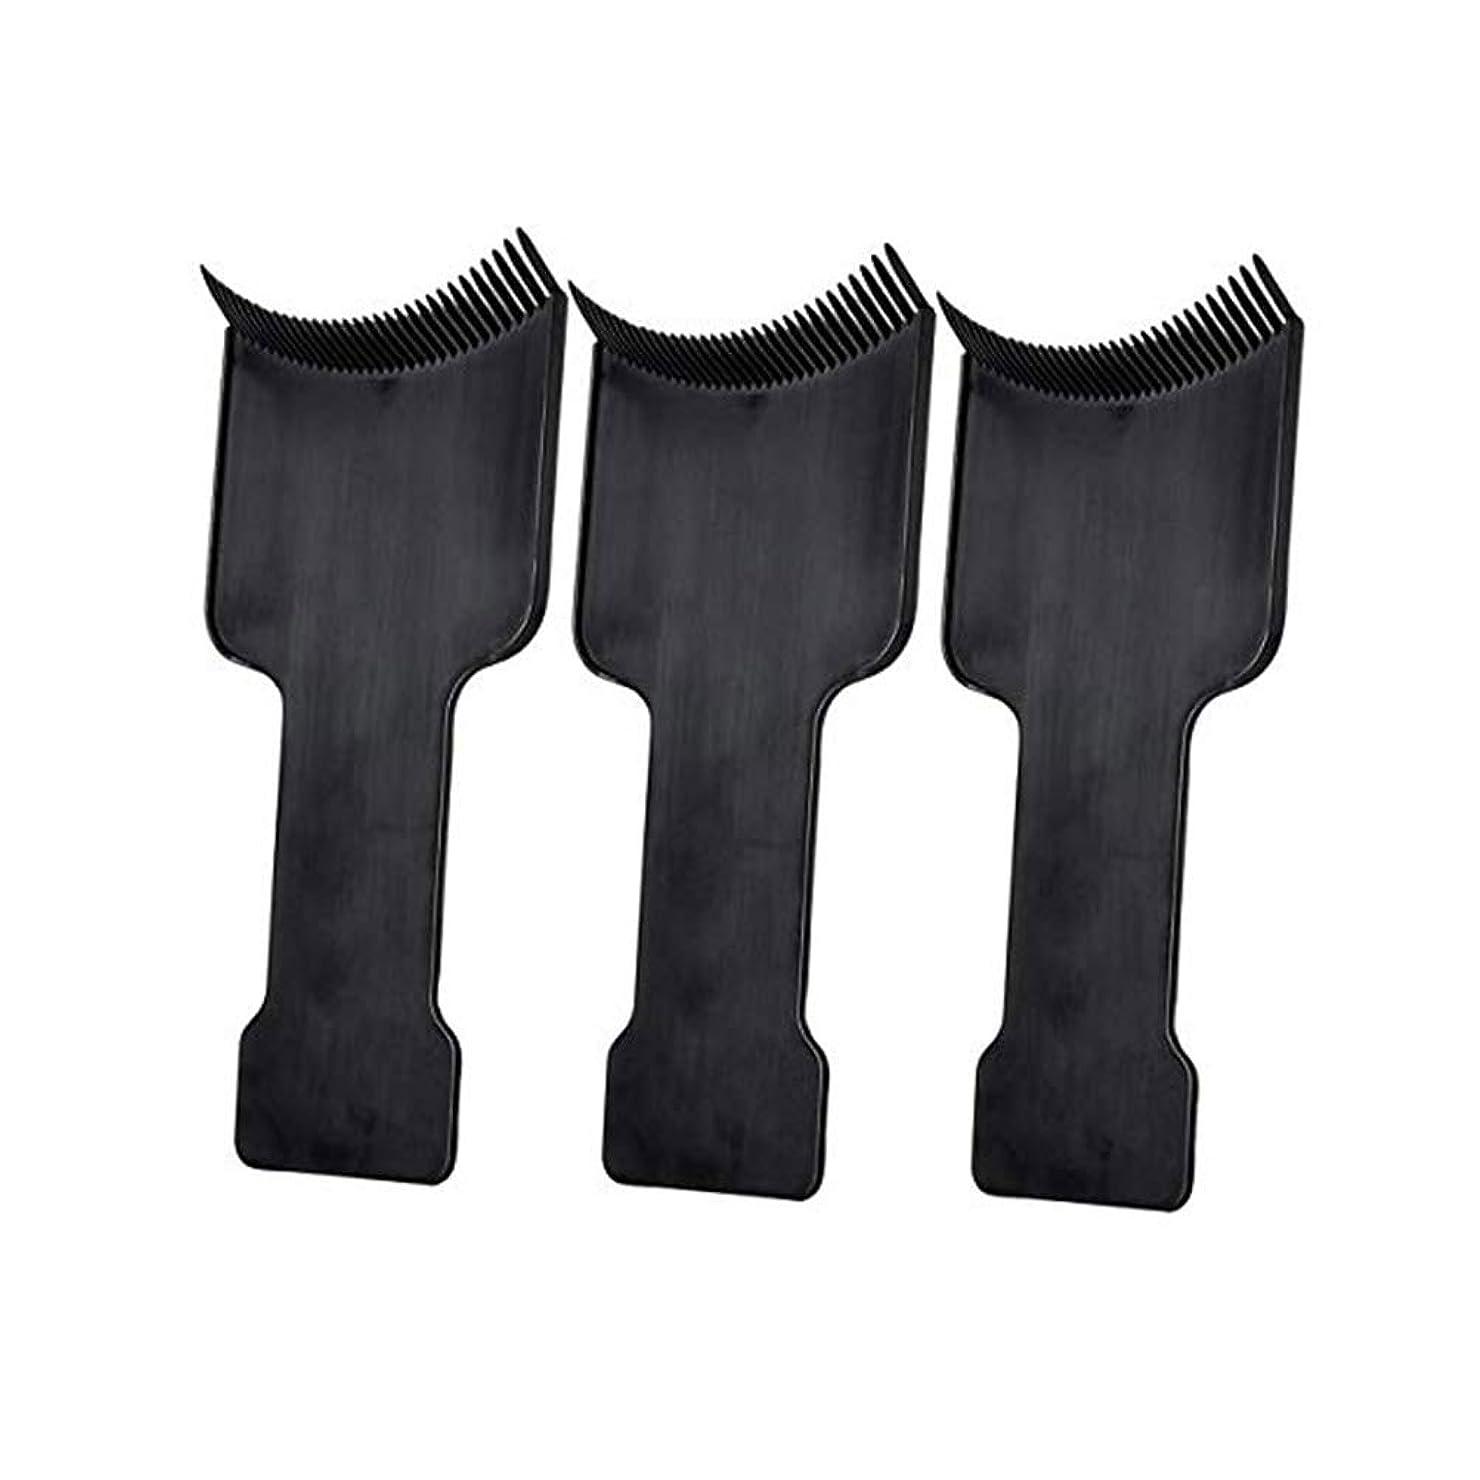 群集縮約モンスターLurrose 3本ヘアカラーブラシヘアダイブラシヘアダイアプリケータヘアカラーブラシ(黒)